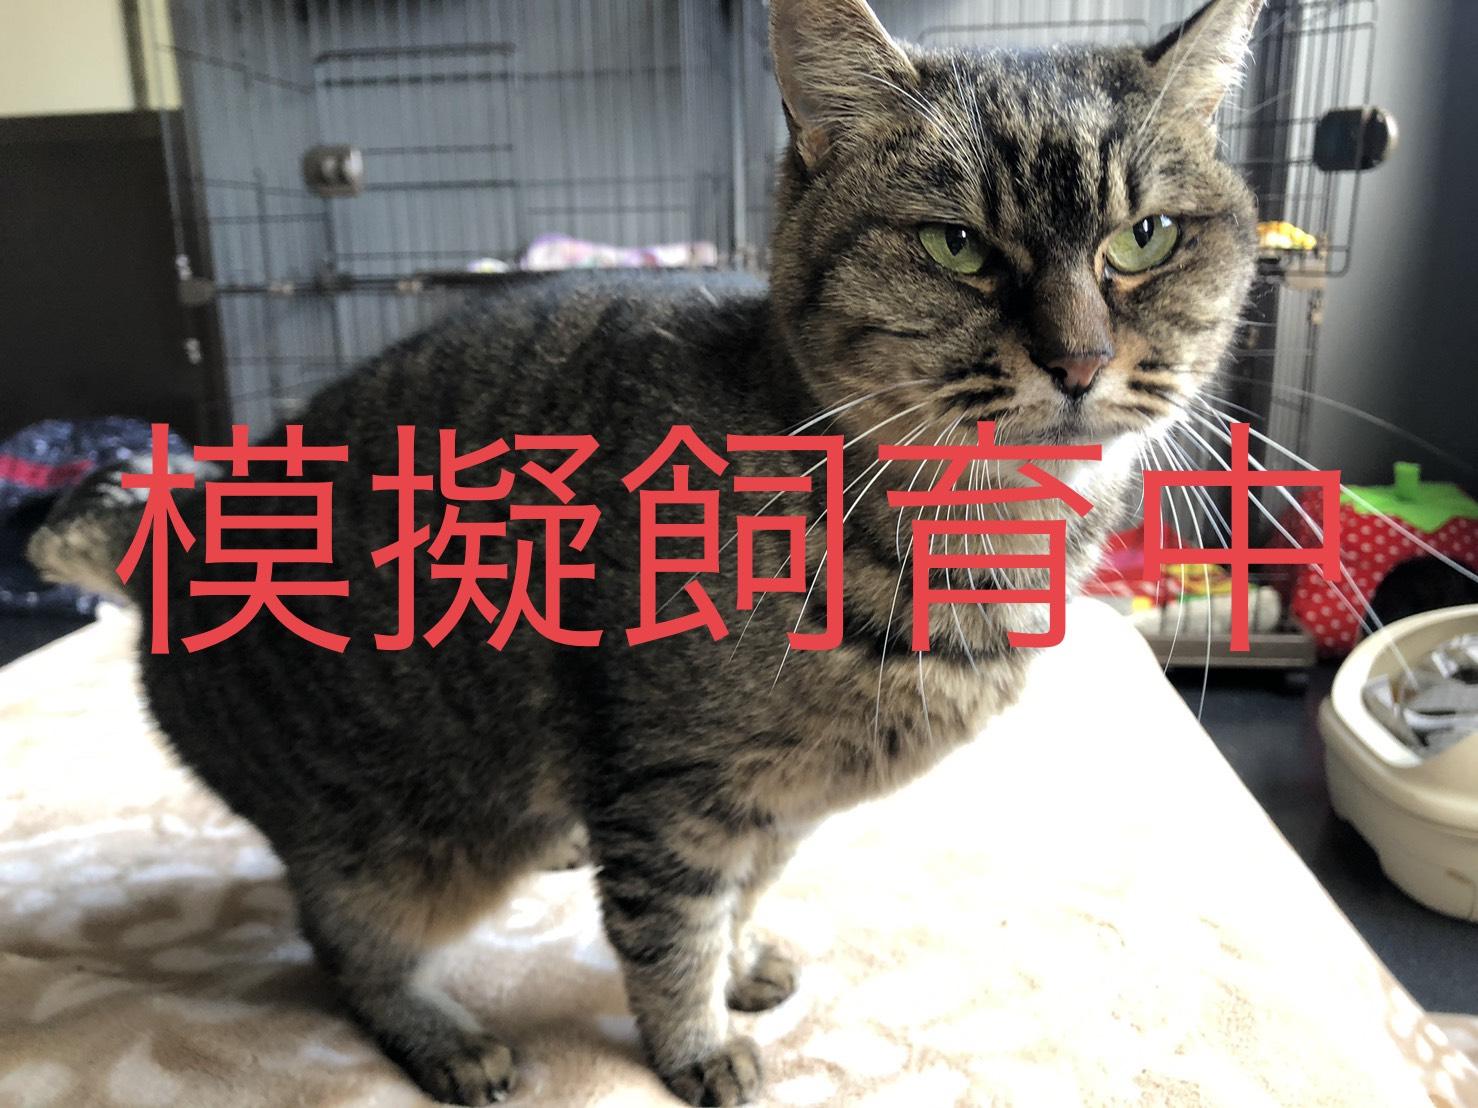 <ul> <li>猫種:日本猫 キジトラ</li> <li>性別:女の子</li> <li>名前:もも</li> <li>年齢:11歳</li> <li>保護経緯:飼い主様が亡くなられたため飼育困難になり引き取りました</li> </ul>